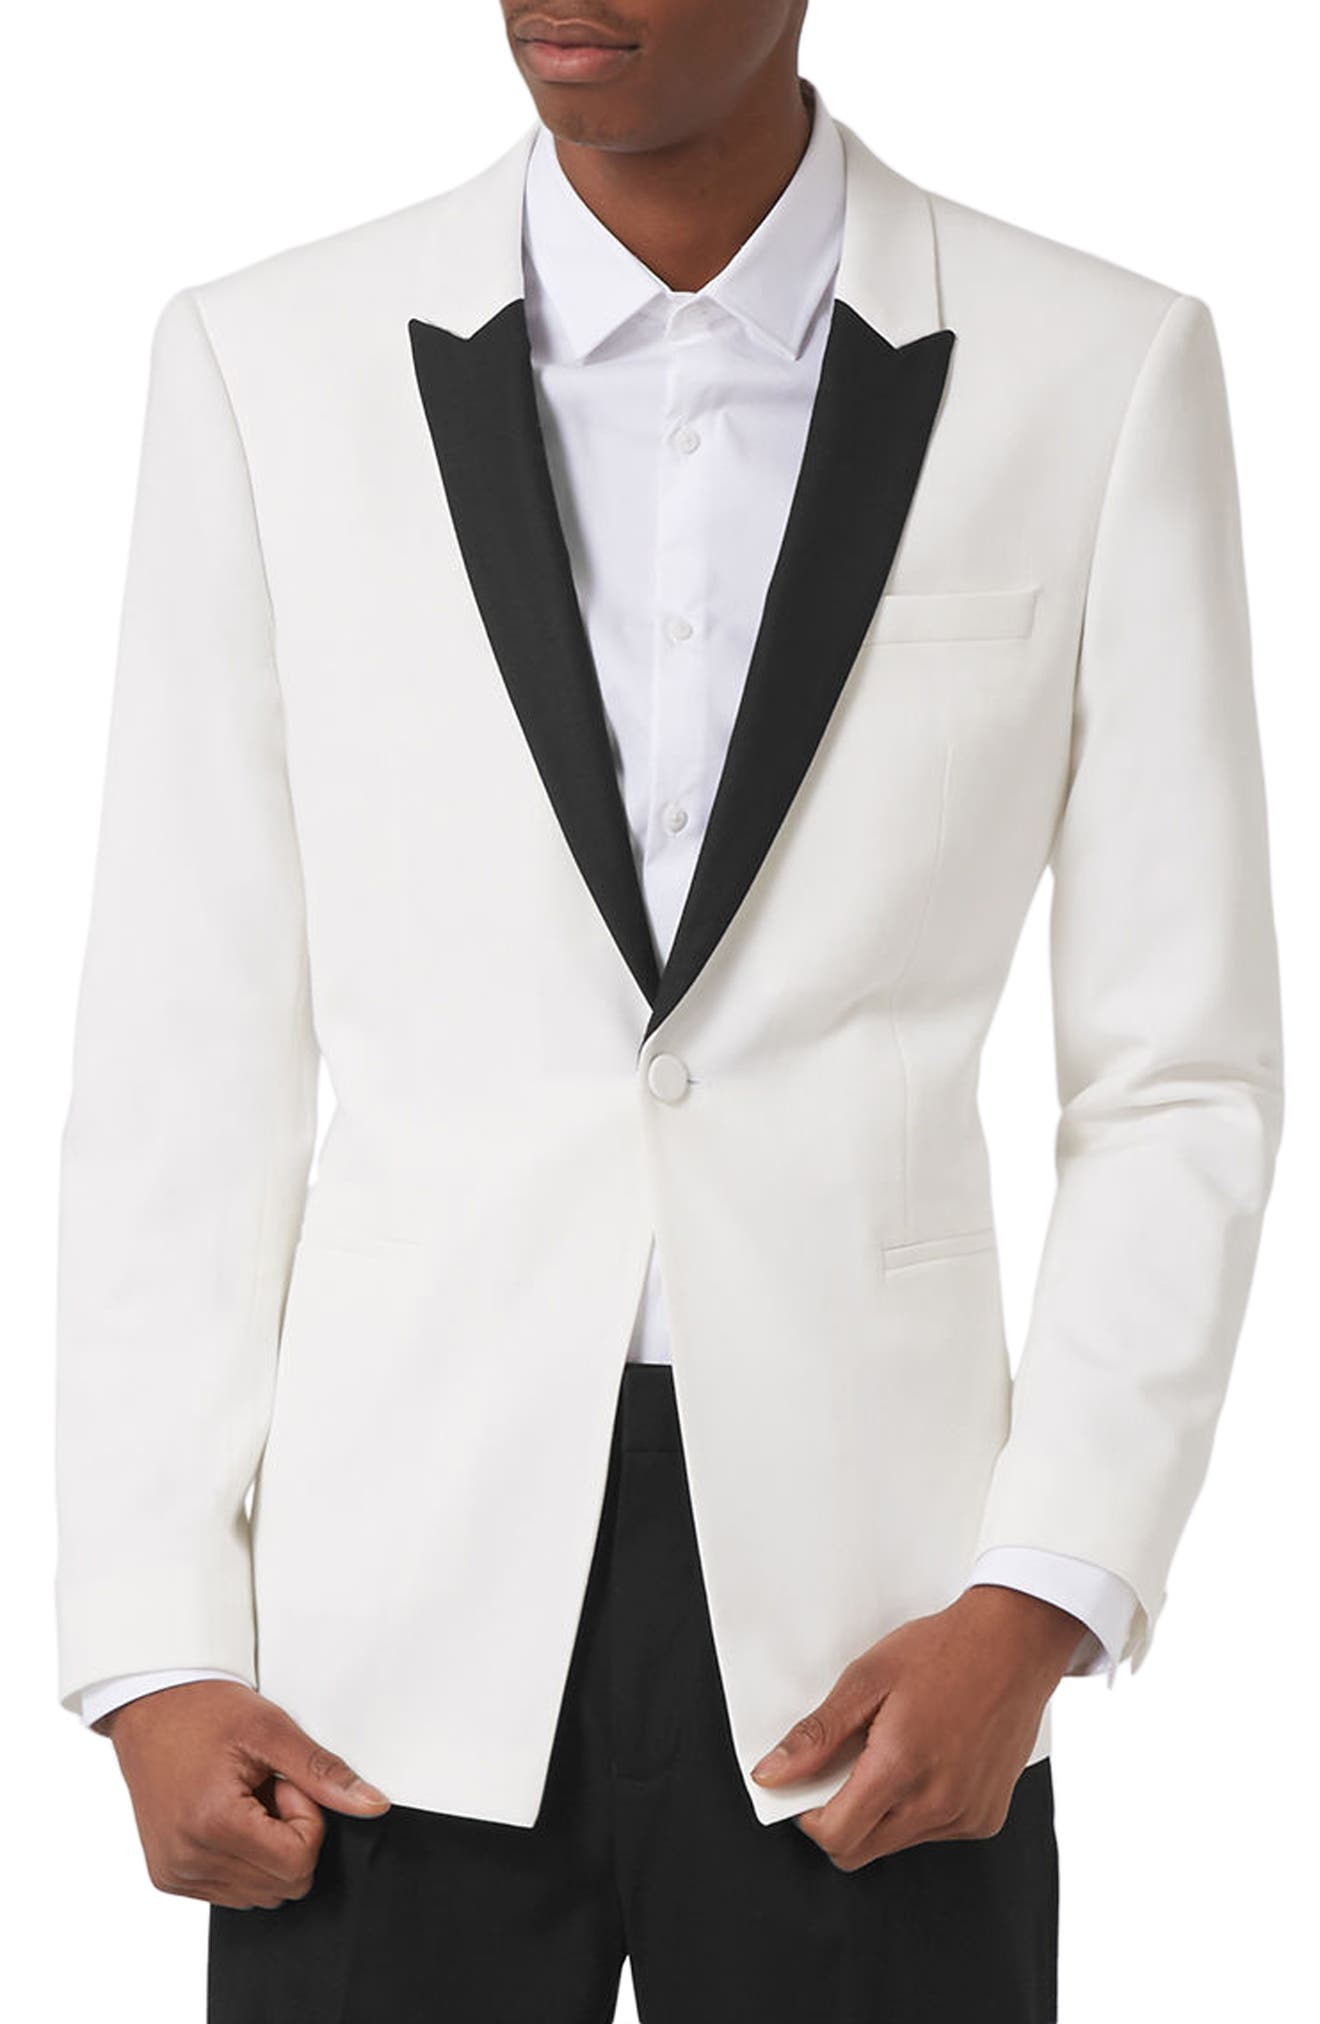 Topman Skinny Fit Contrast Tuxedo Jacket